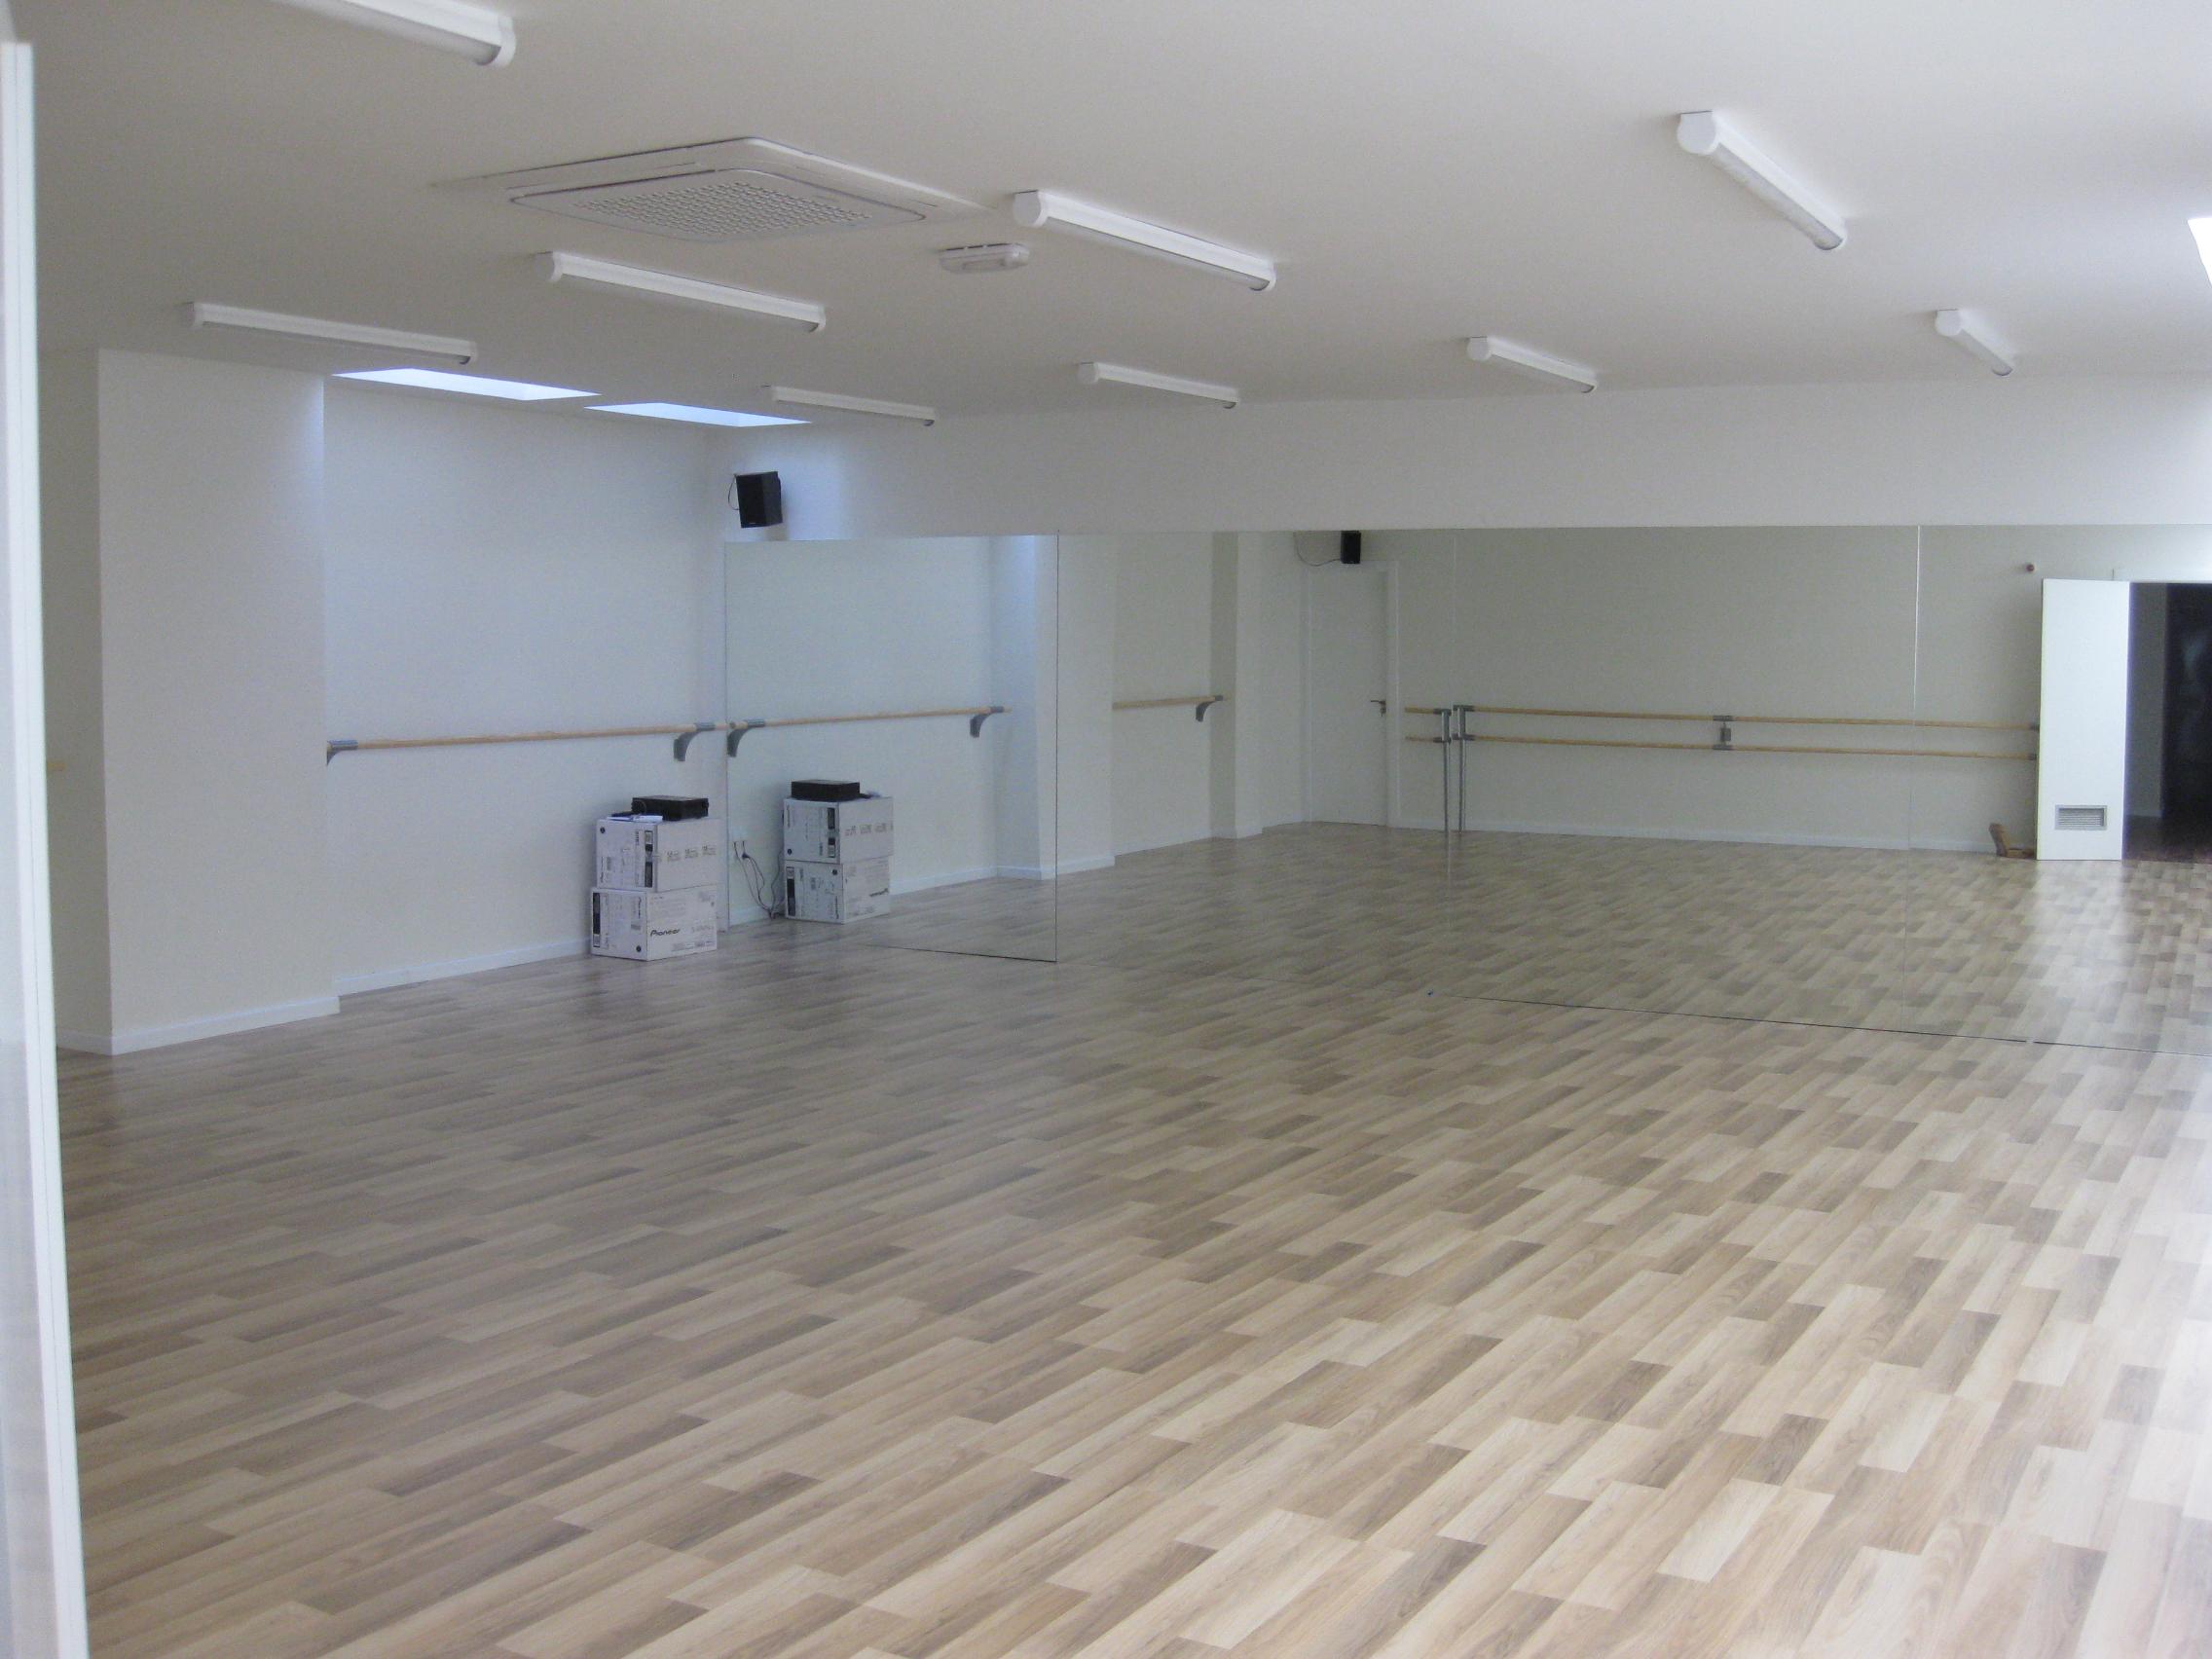 Escuela de danza en sabadell grupo inventia - Curso cocina sabadell ...